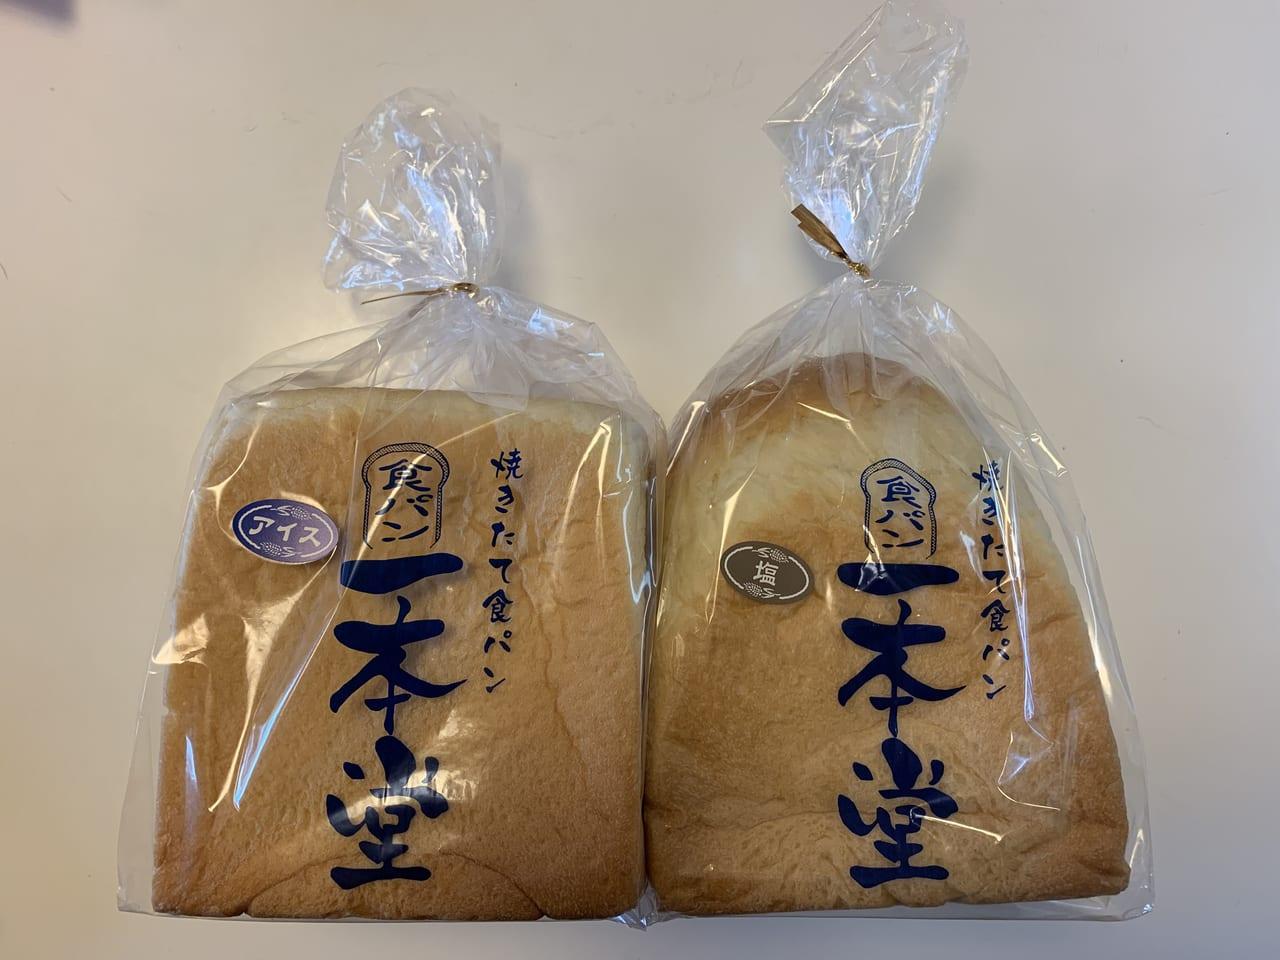 焼きたて食パン一本堂のアイス食パンと塩食パン